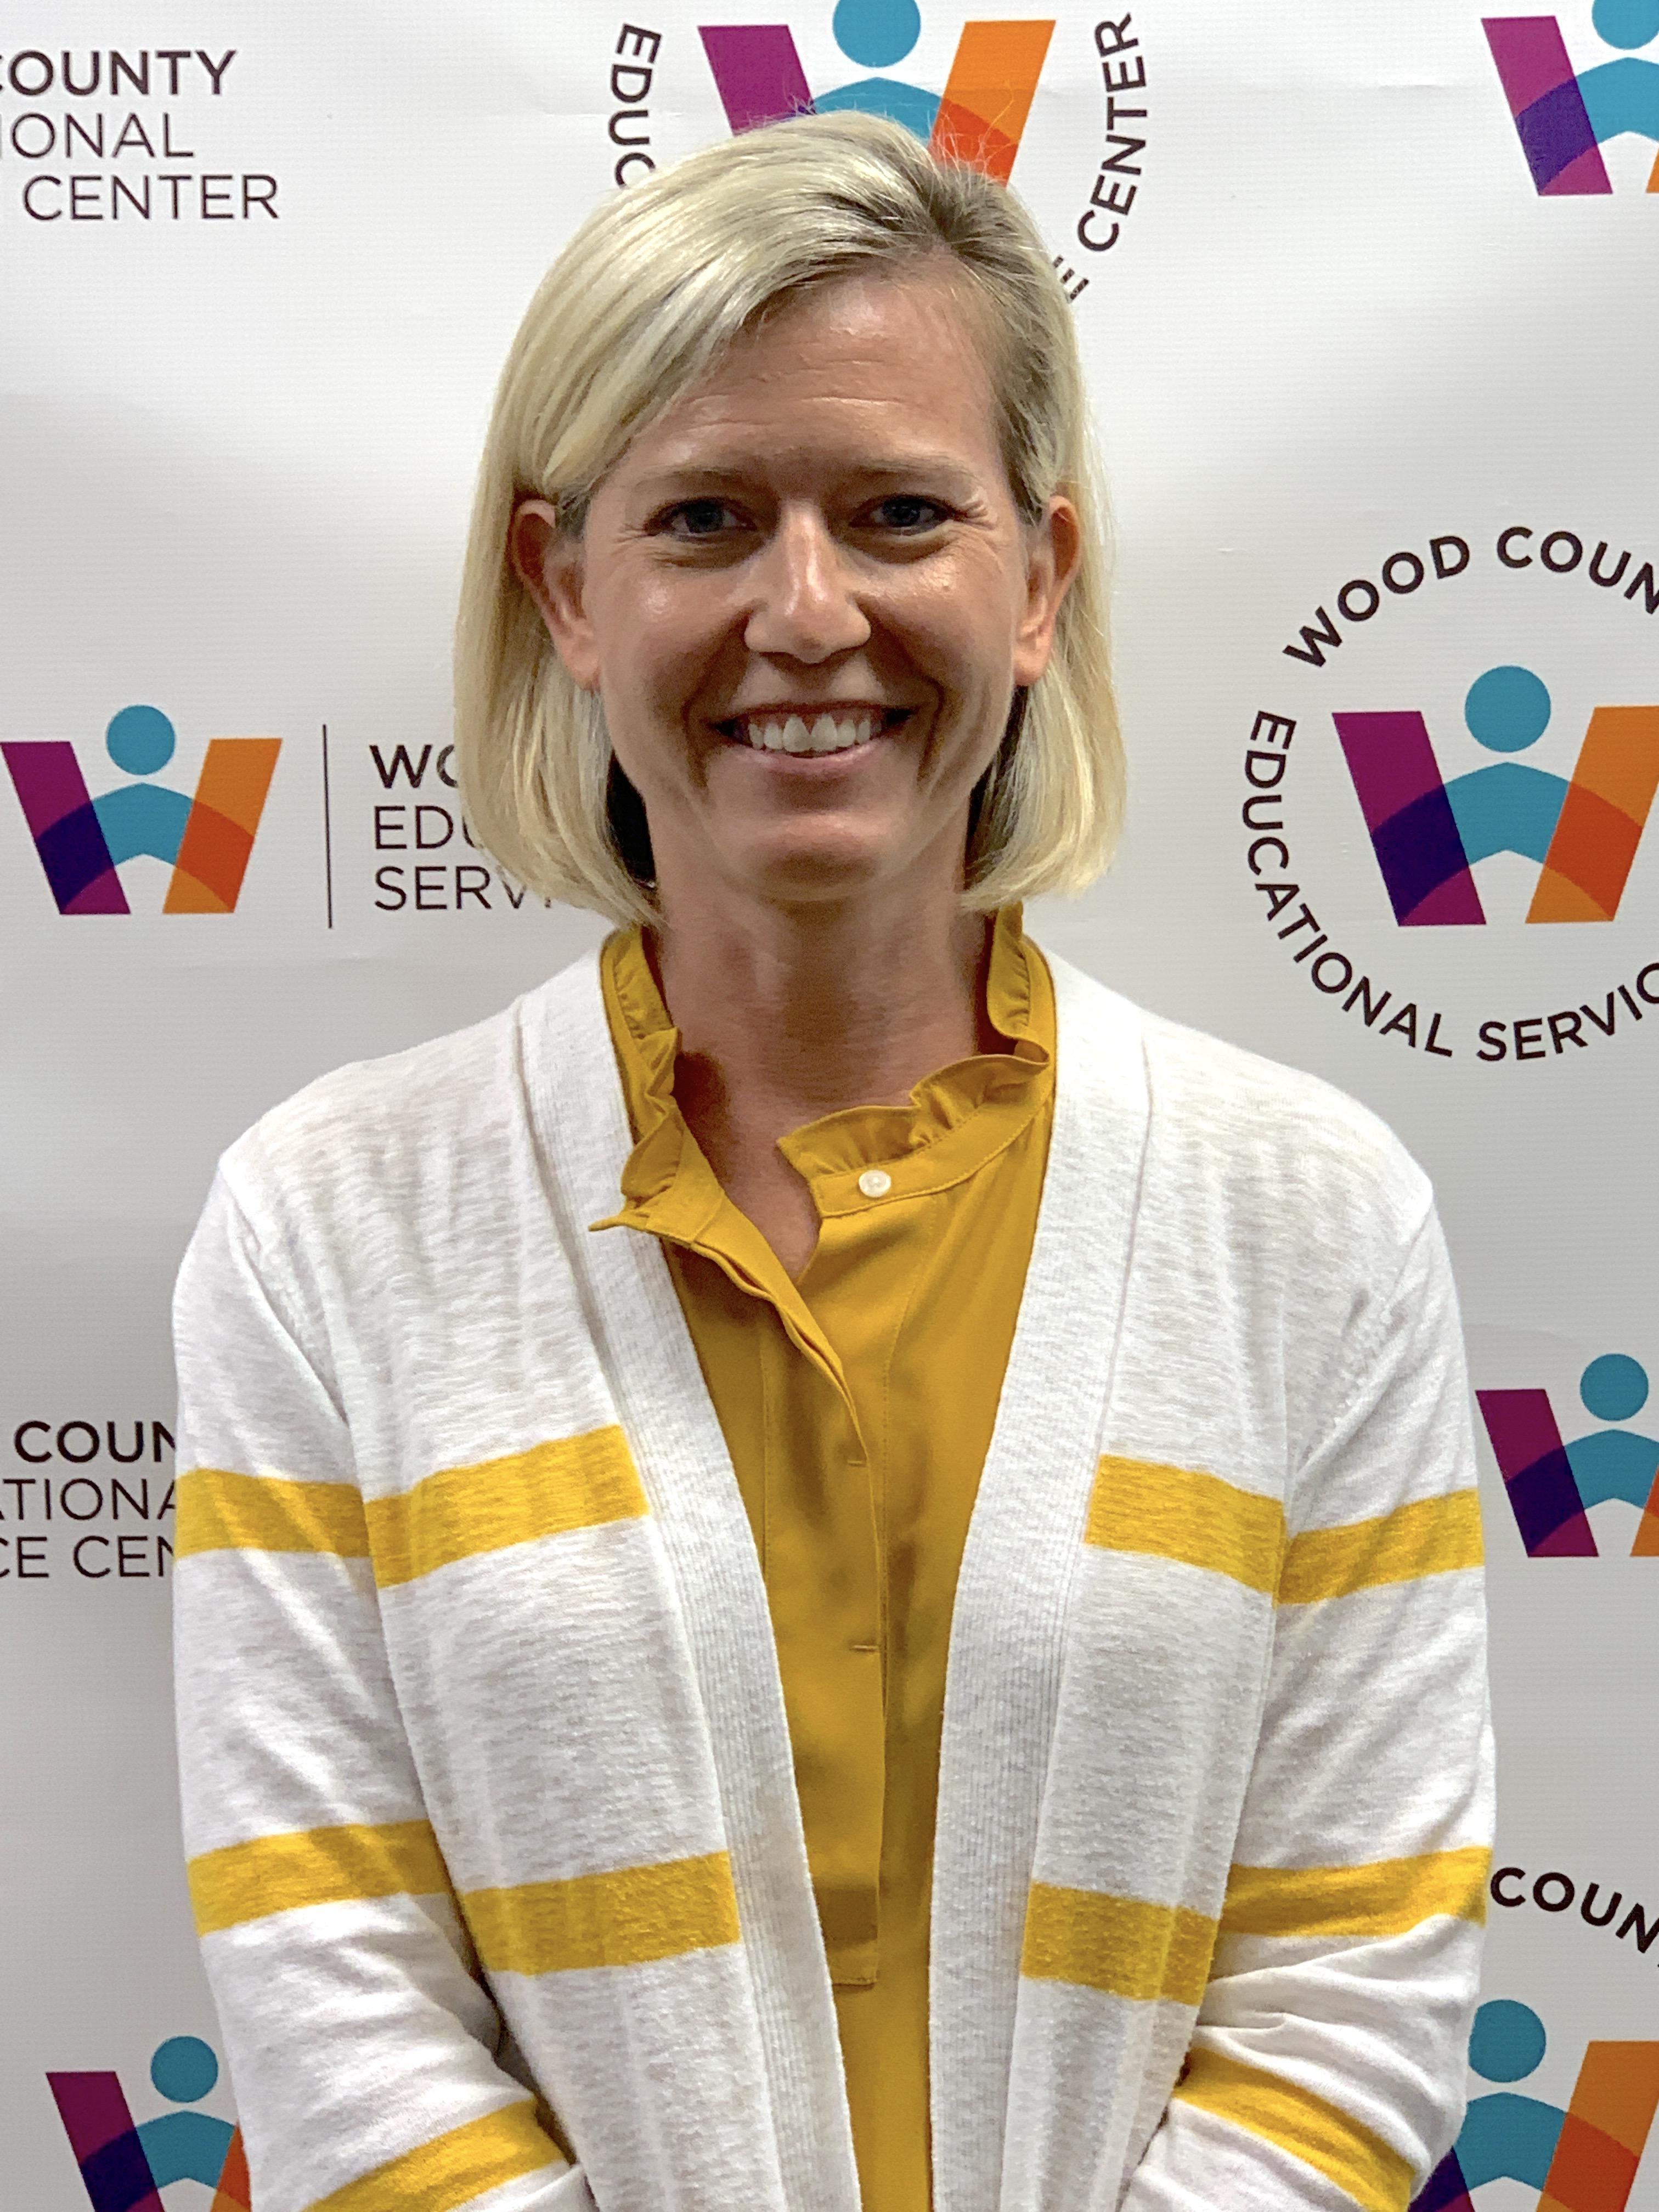 Michelle Von Lehmden Rossford